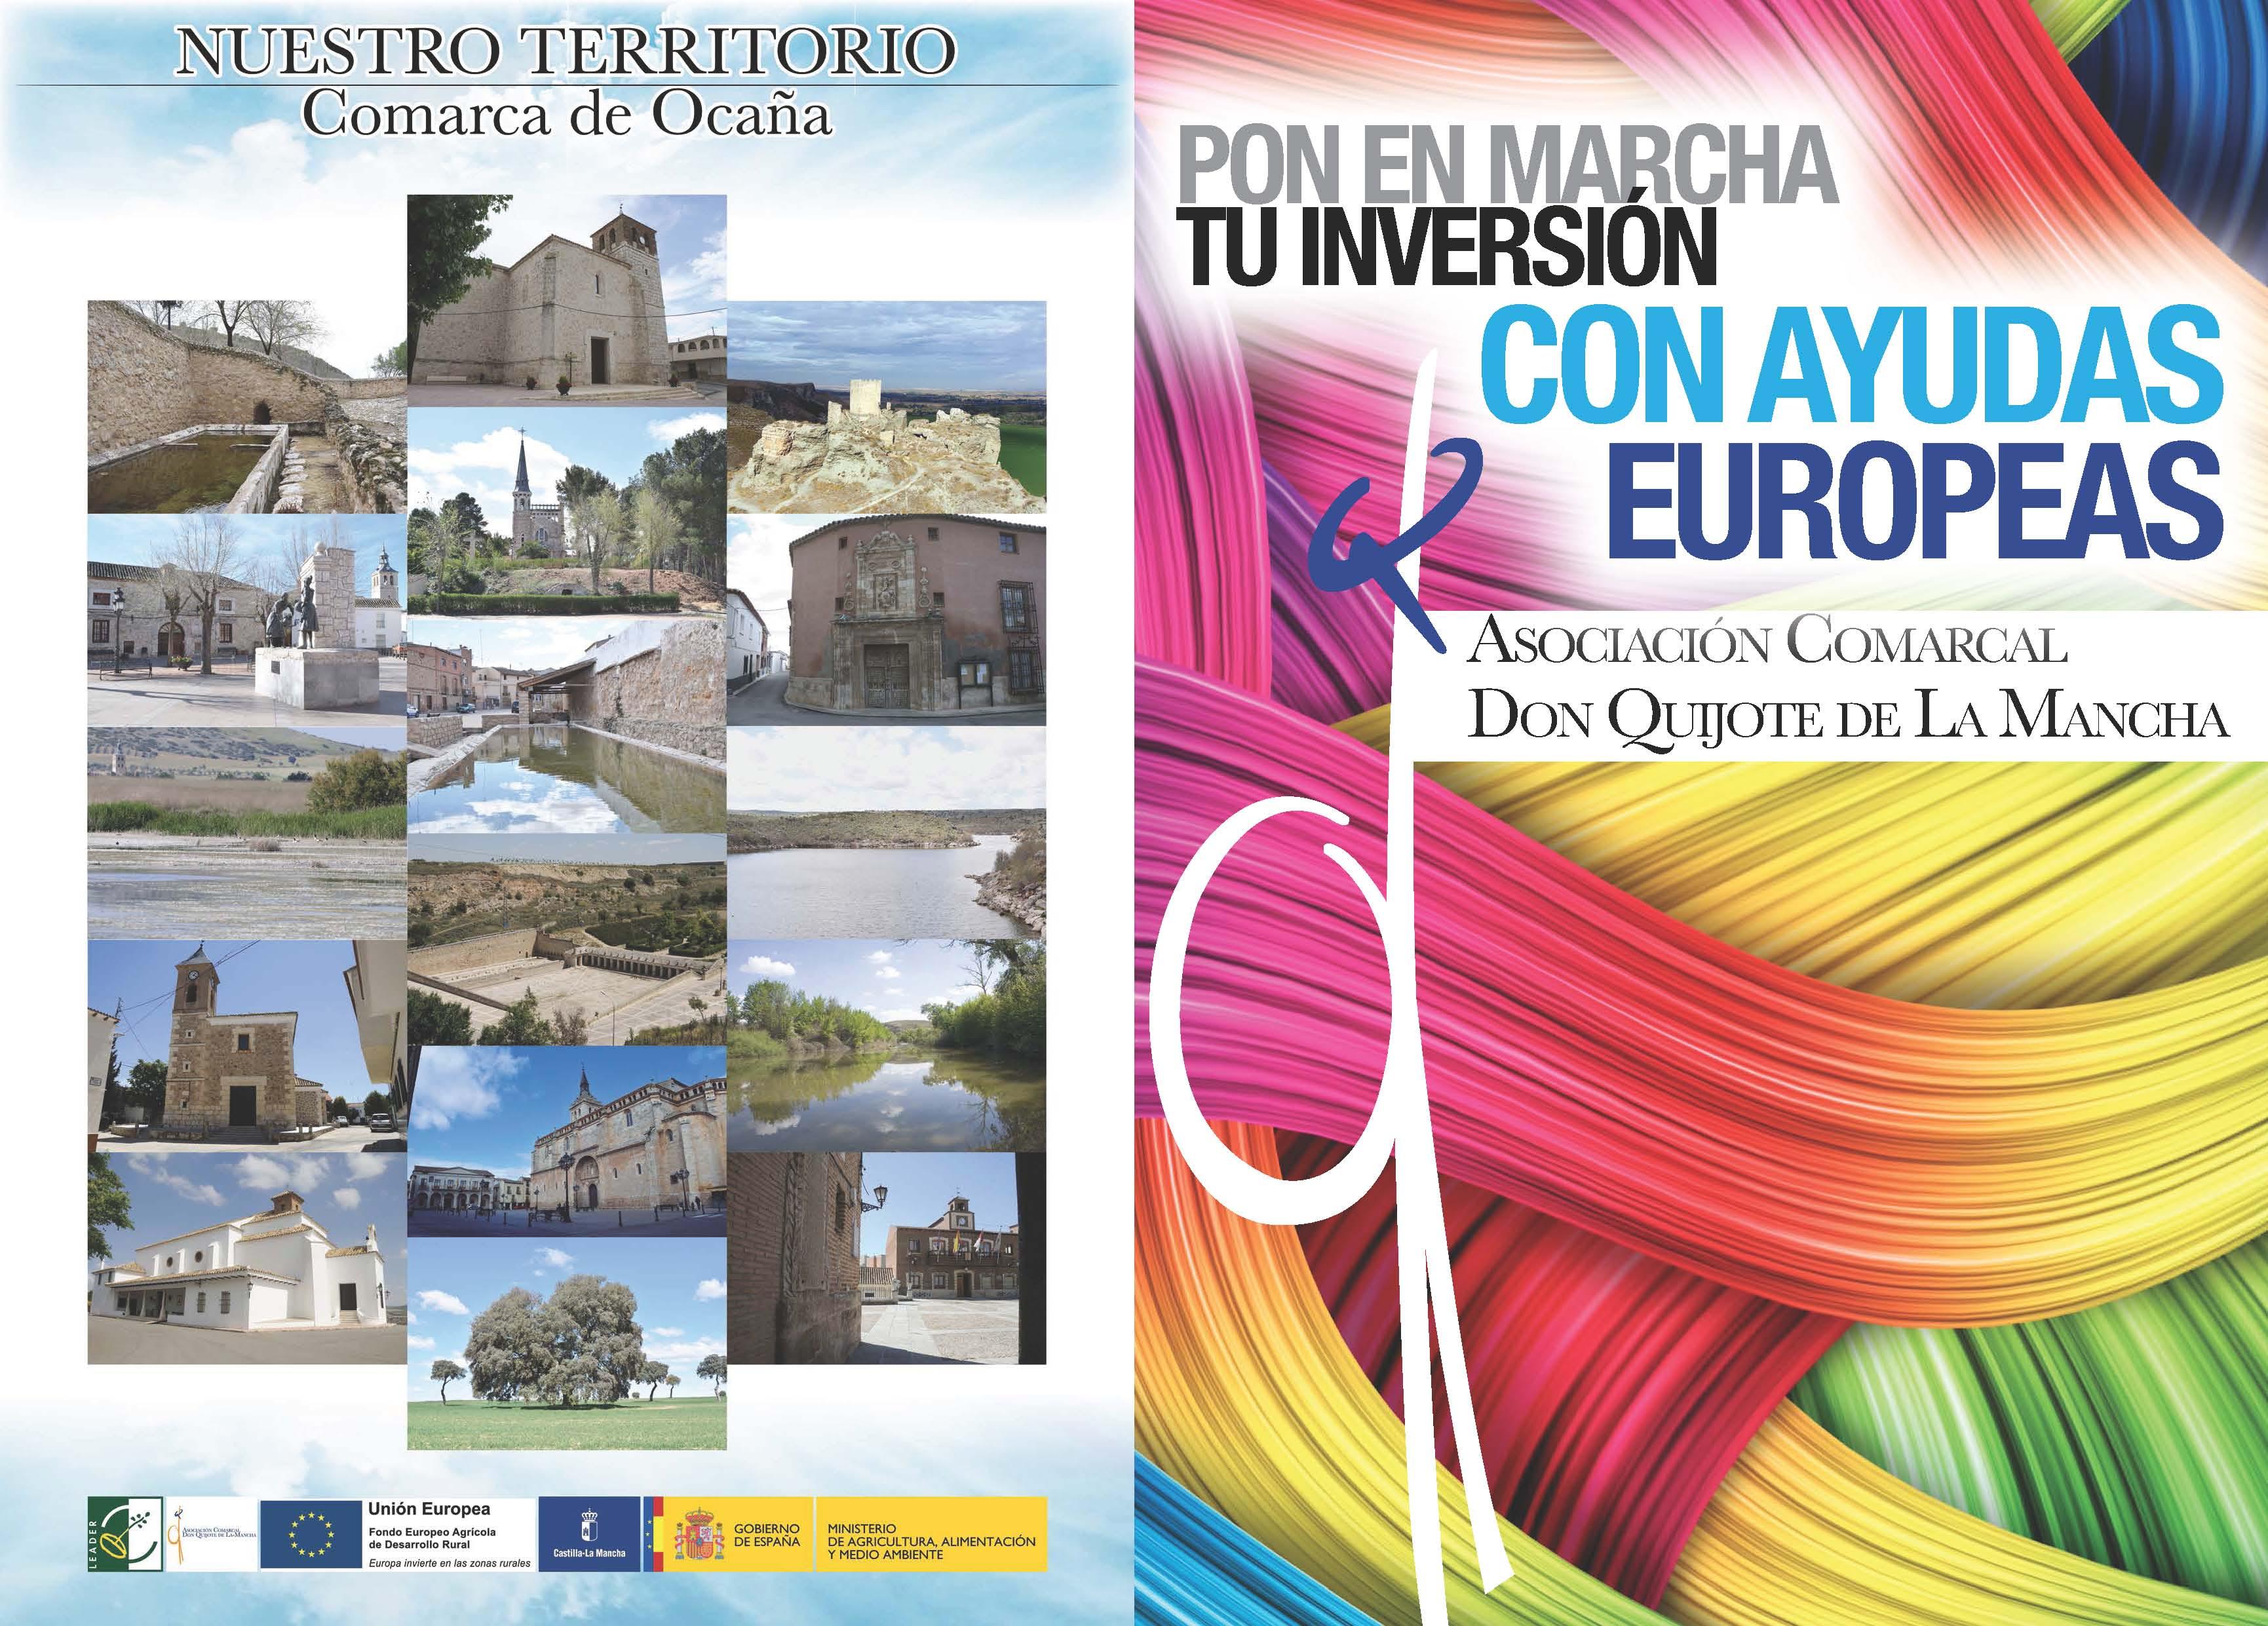 La Asociación Comarcal Don Quijote de la Mancha te ayuda a emprender con fondos de la Unión Europea